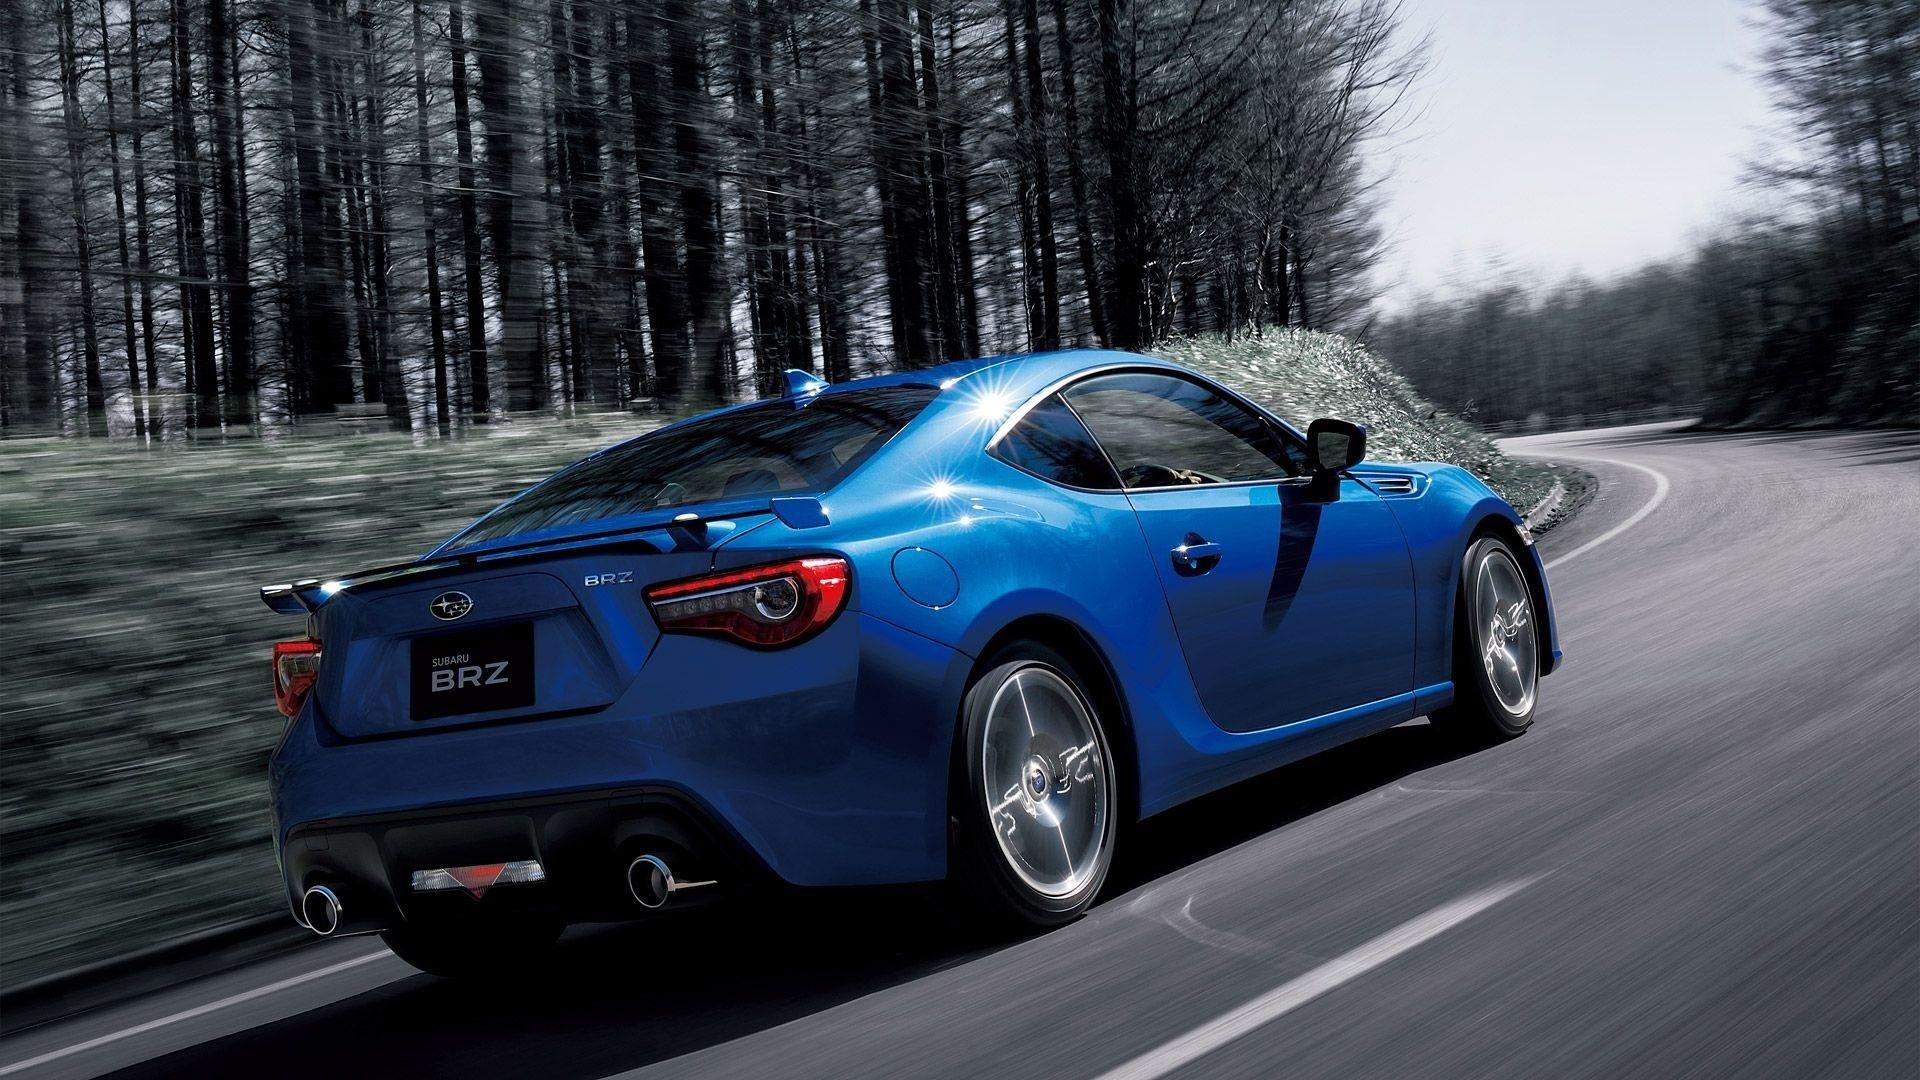 Subaru BRZ Wallpaper Pic